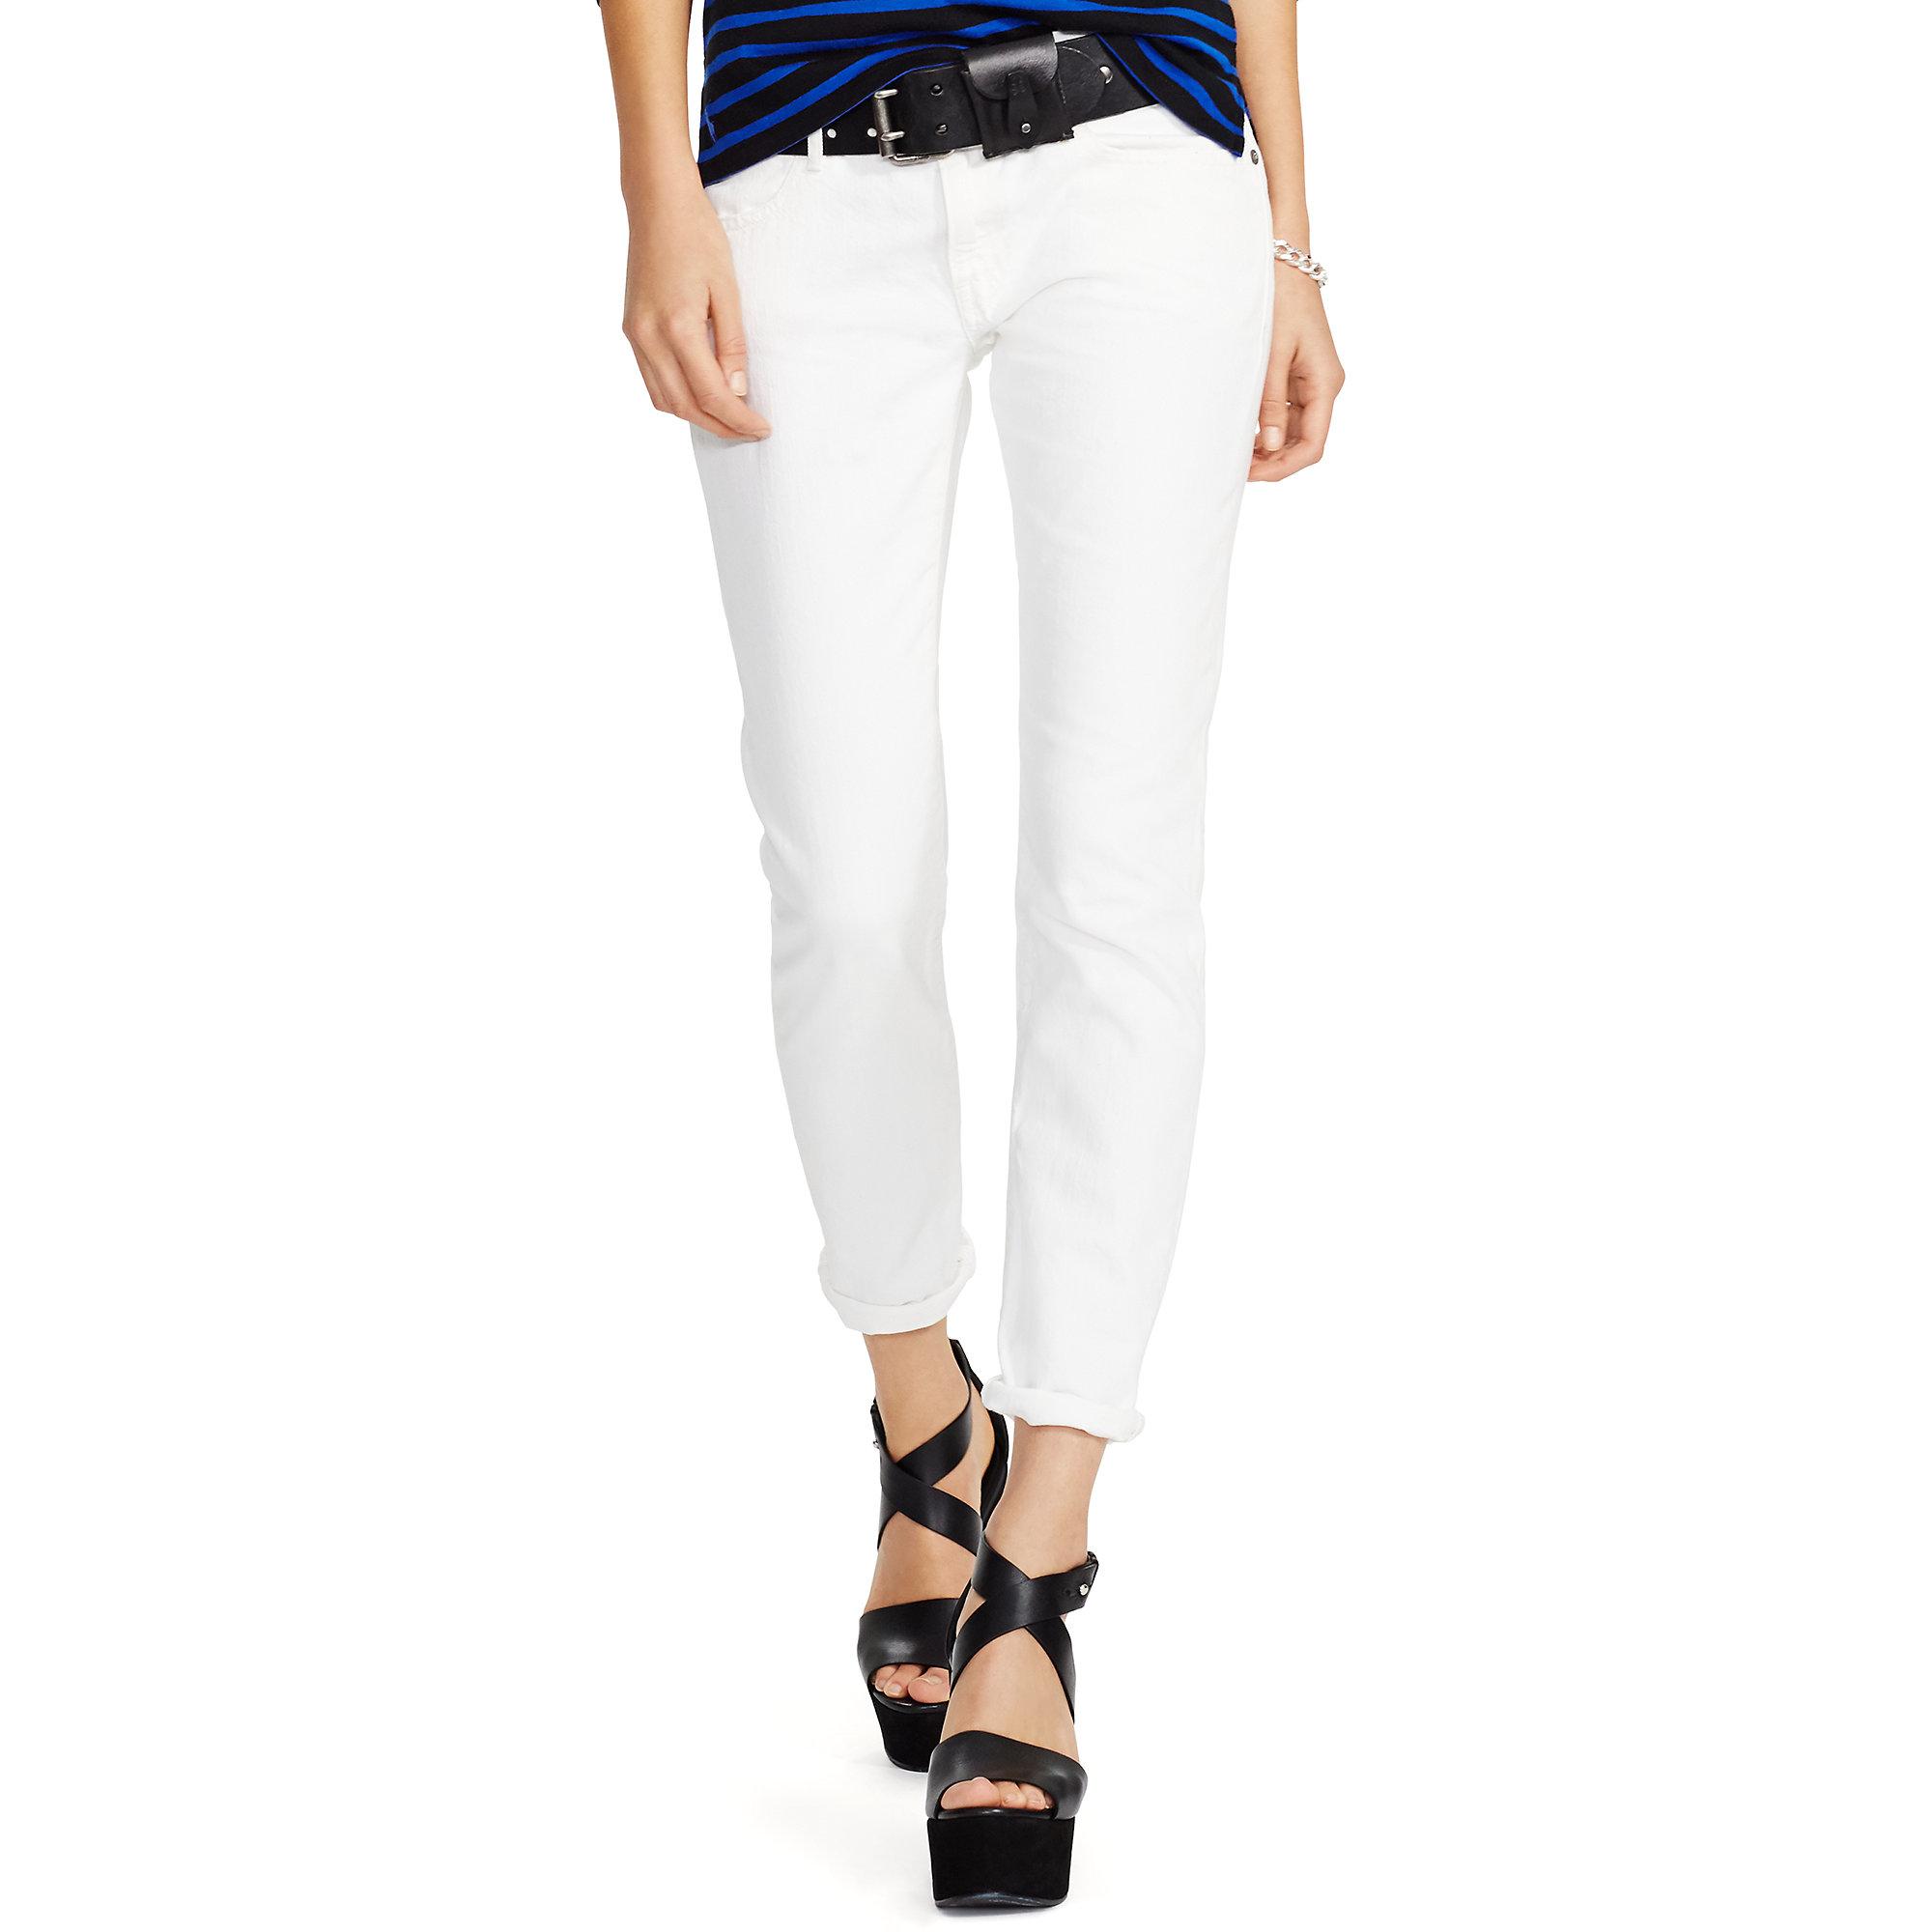 24ec804183979 Lyst - Polo Ralph Lauren Astor Slim Boyfriend Jean in White